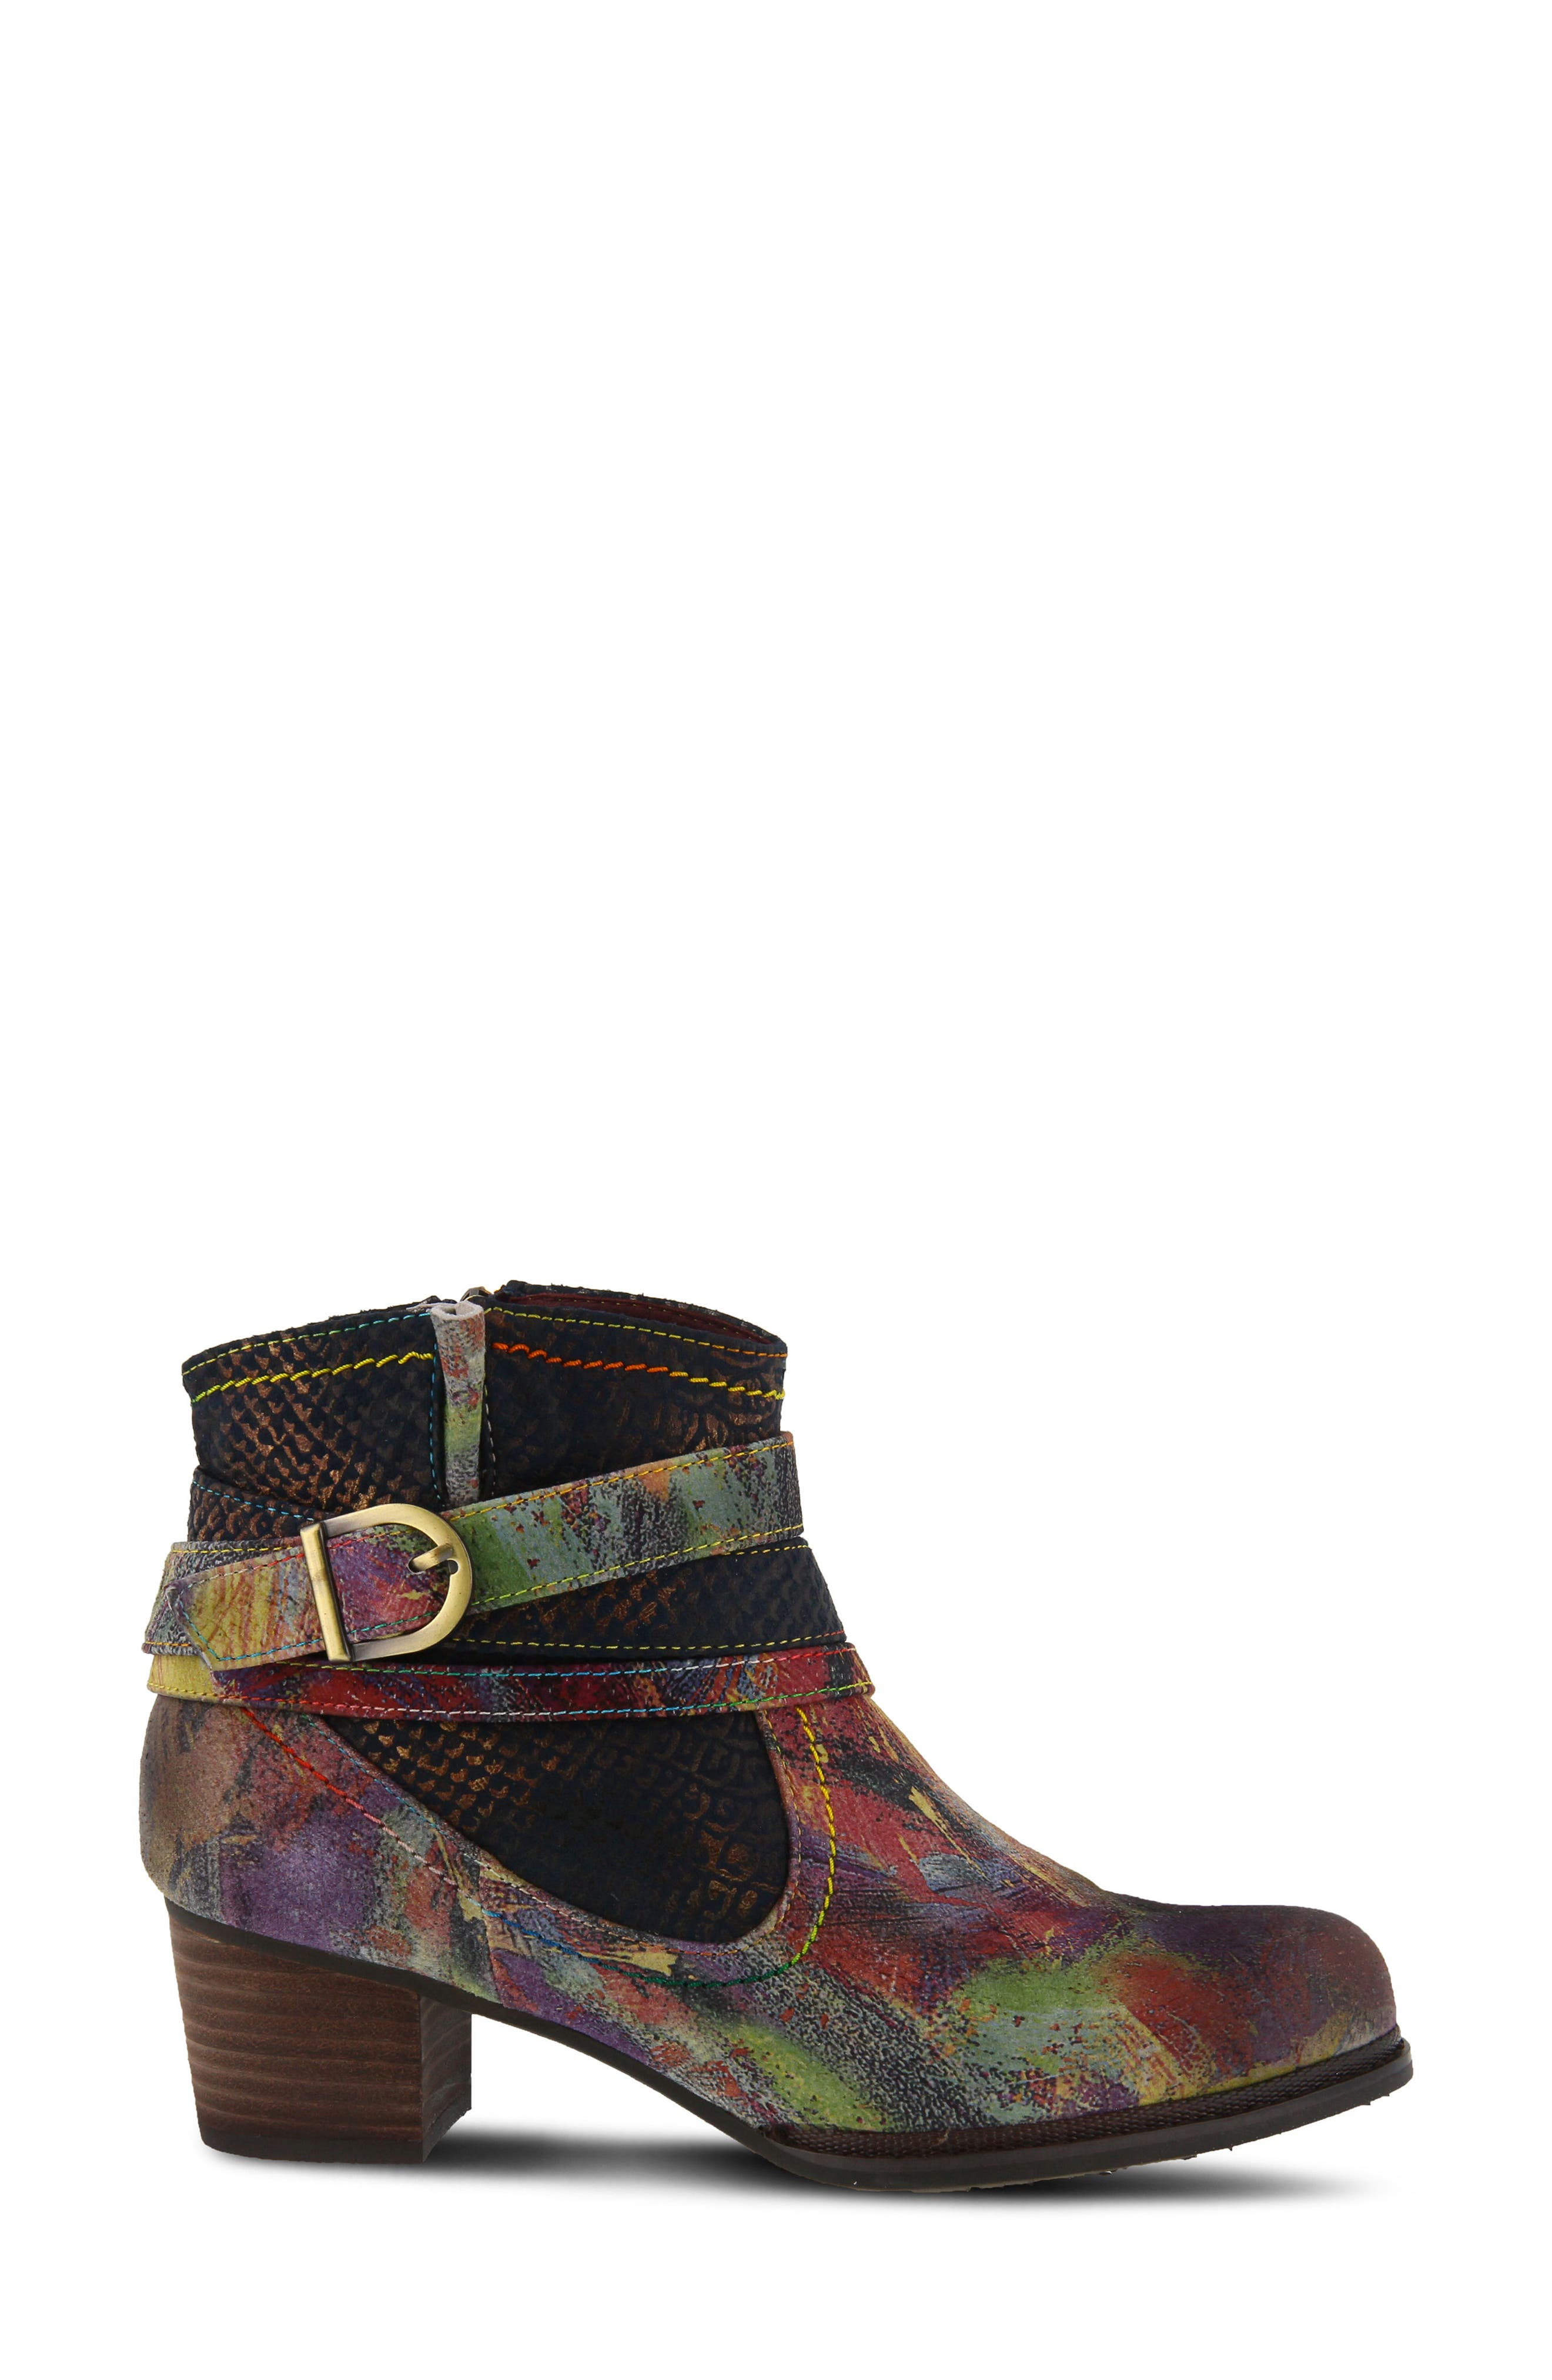 Alternate Image 3  - L'Artiste Shazzam Boot (Women)